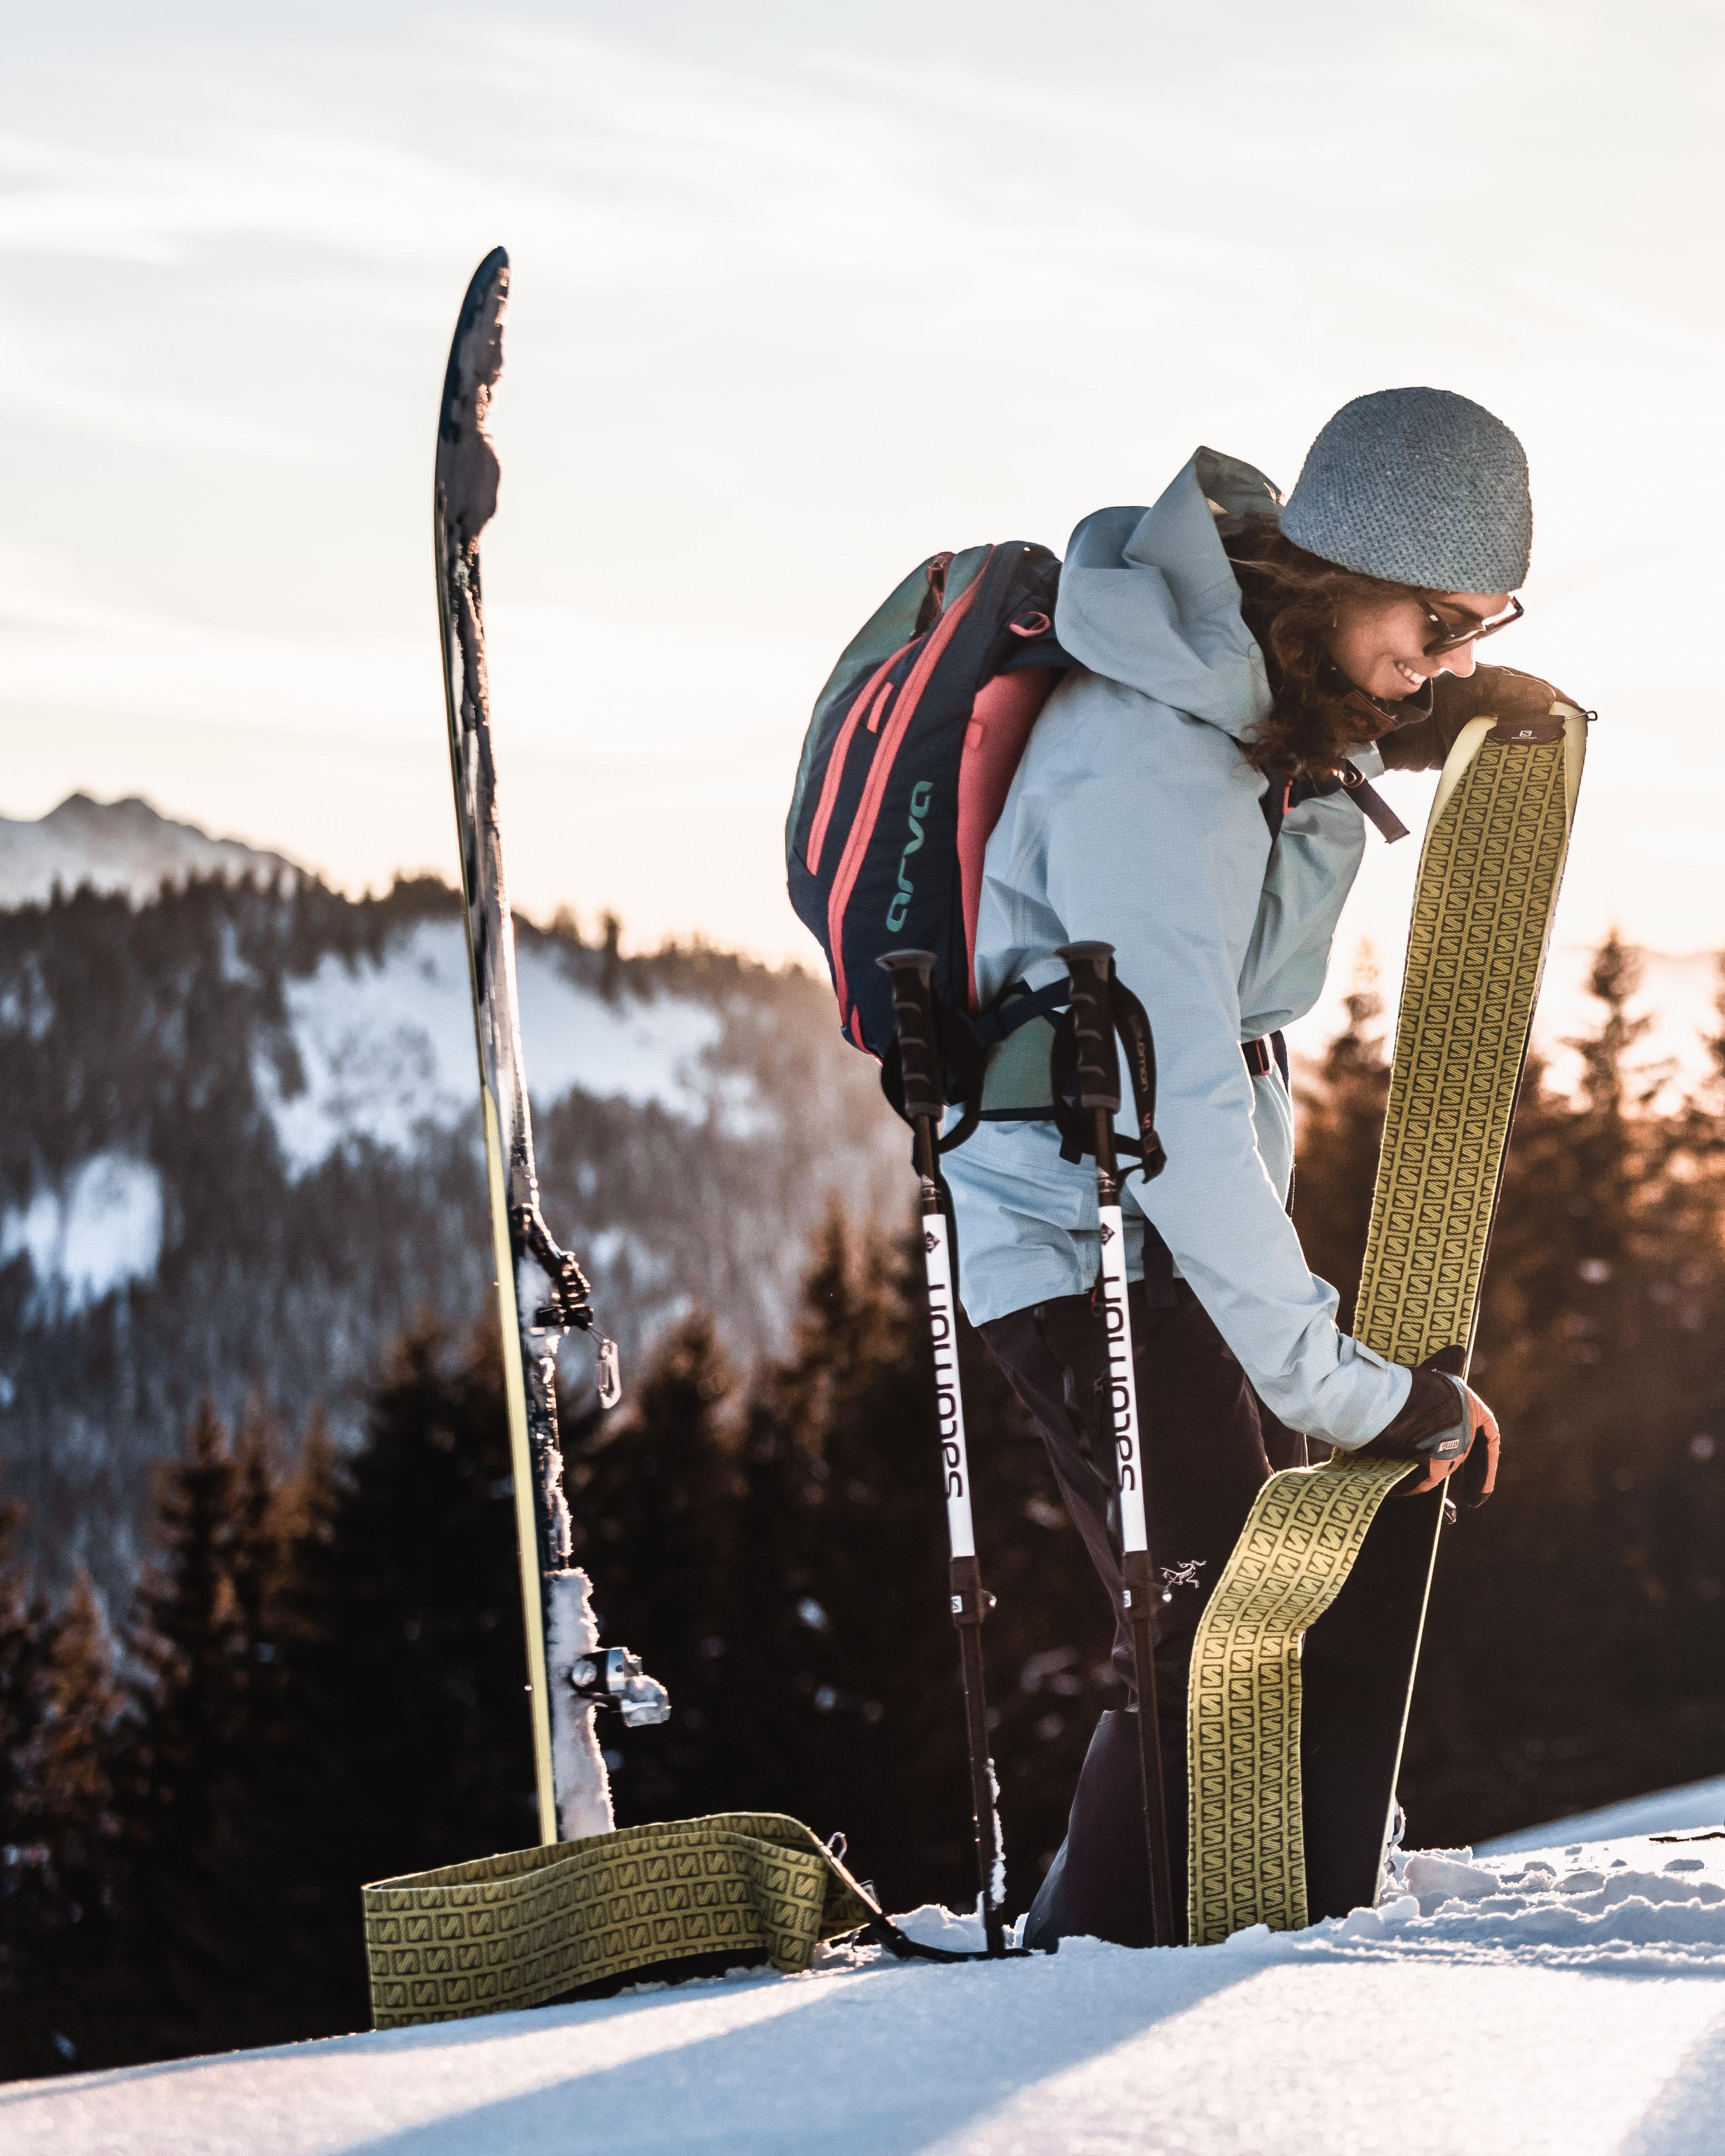 ski-rando-2-c-hudry-aravis-1-201910